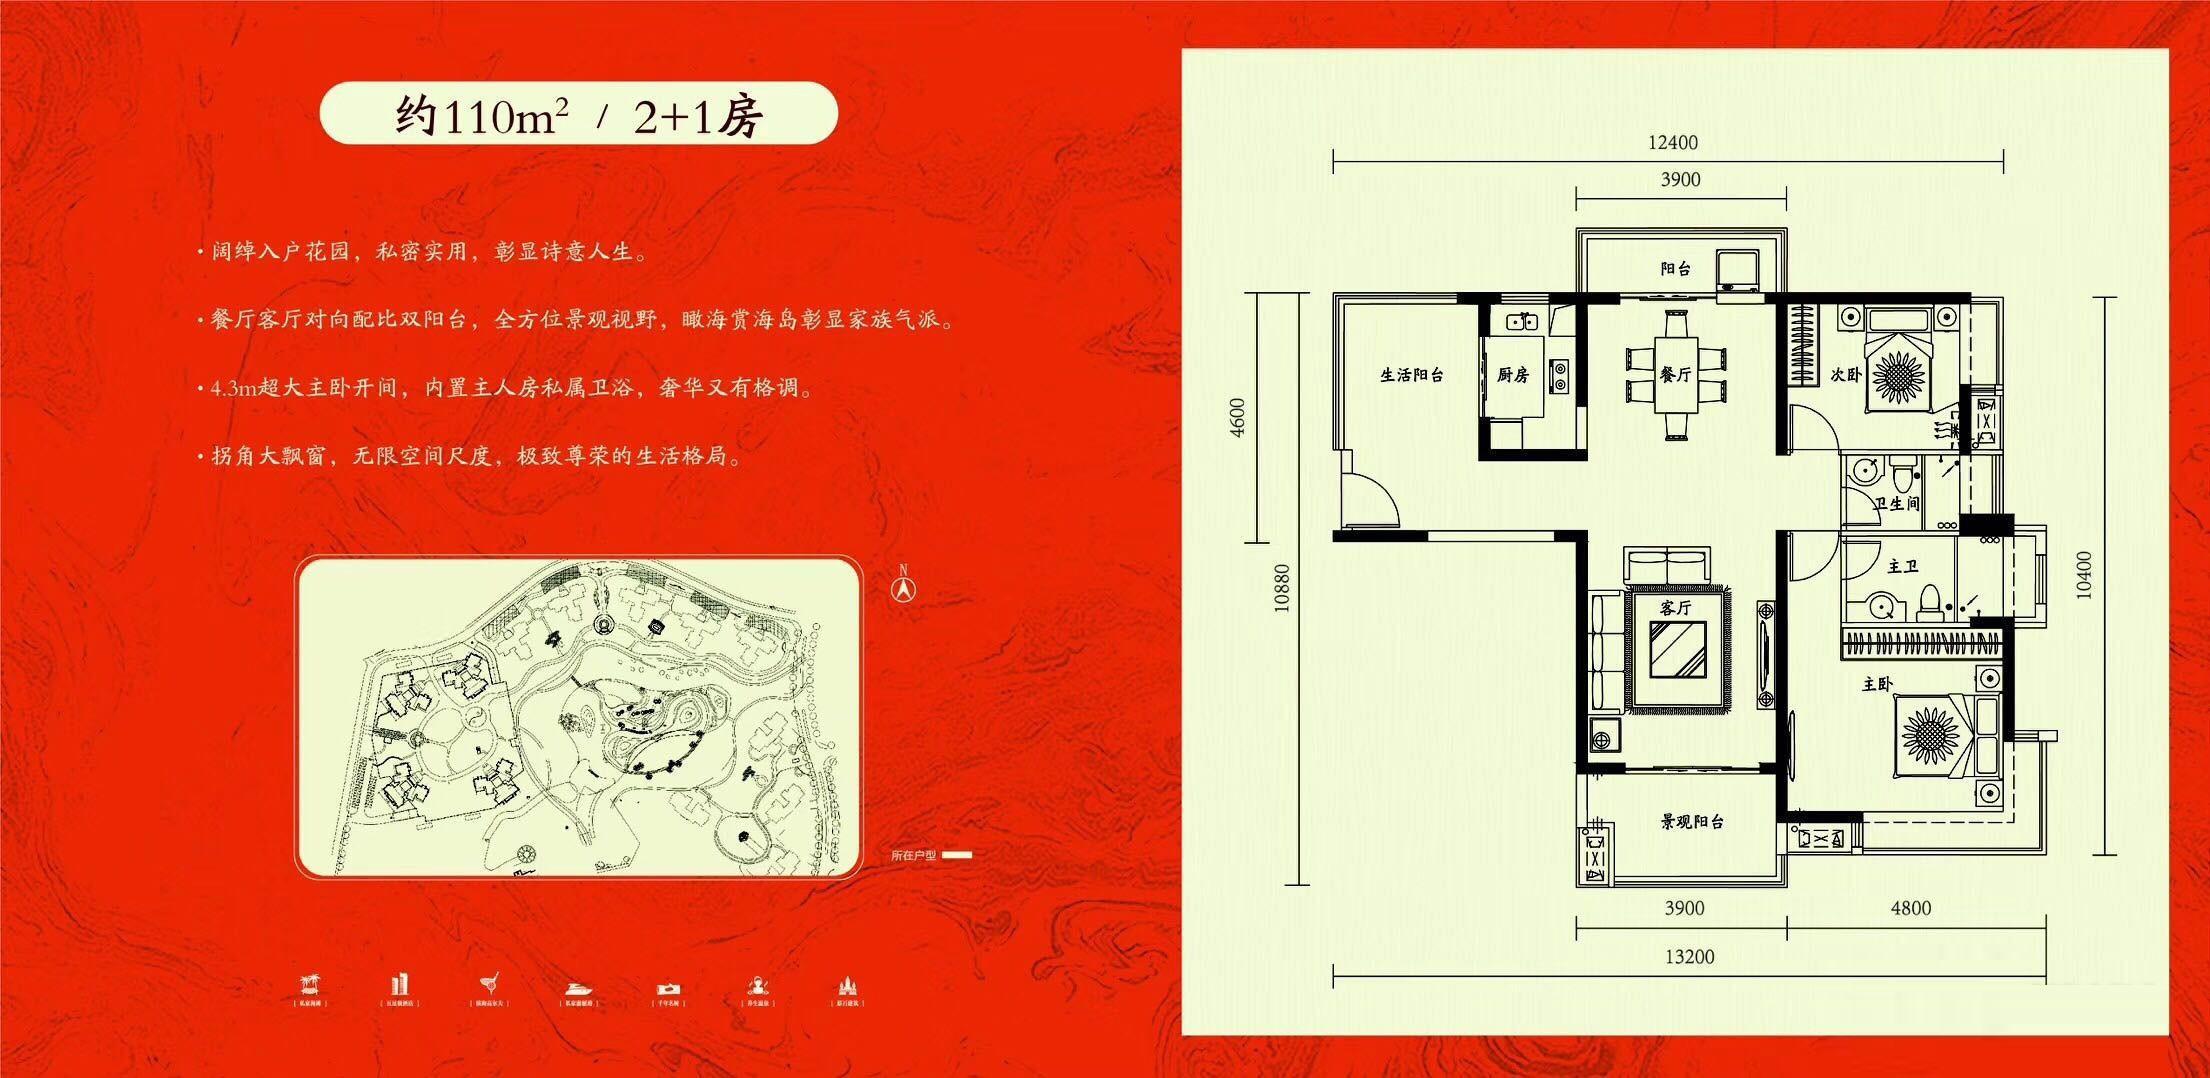 桃花岛2+1房约110平